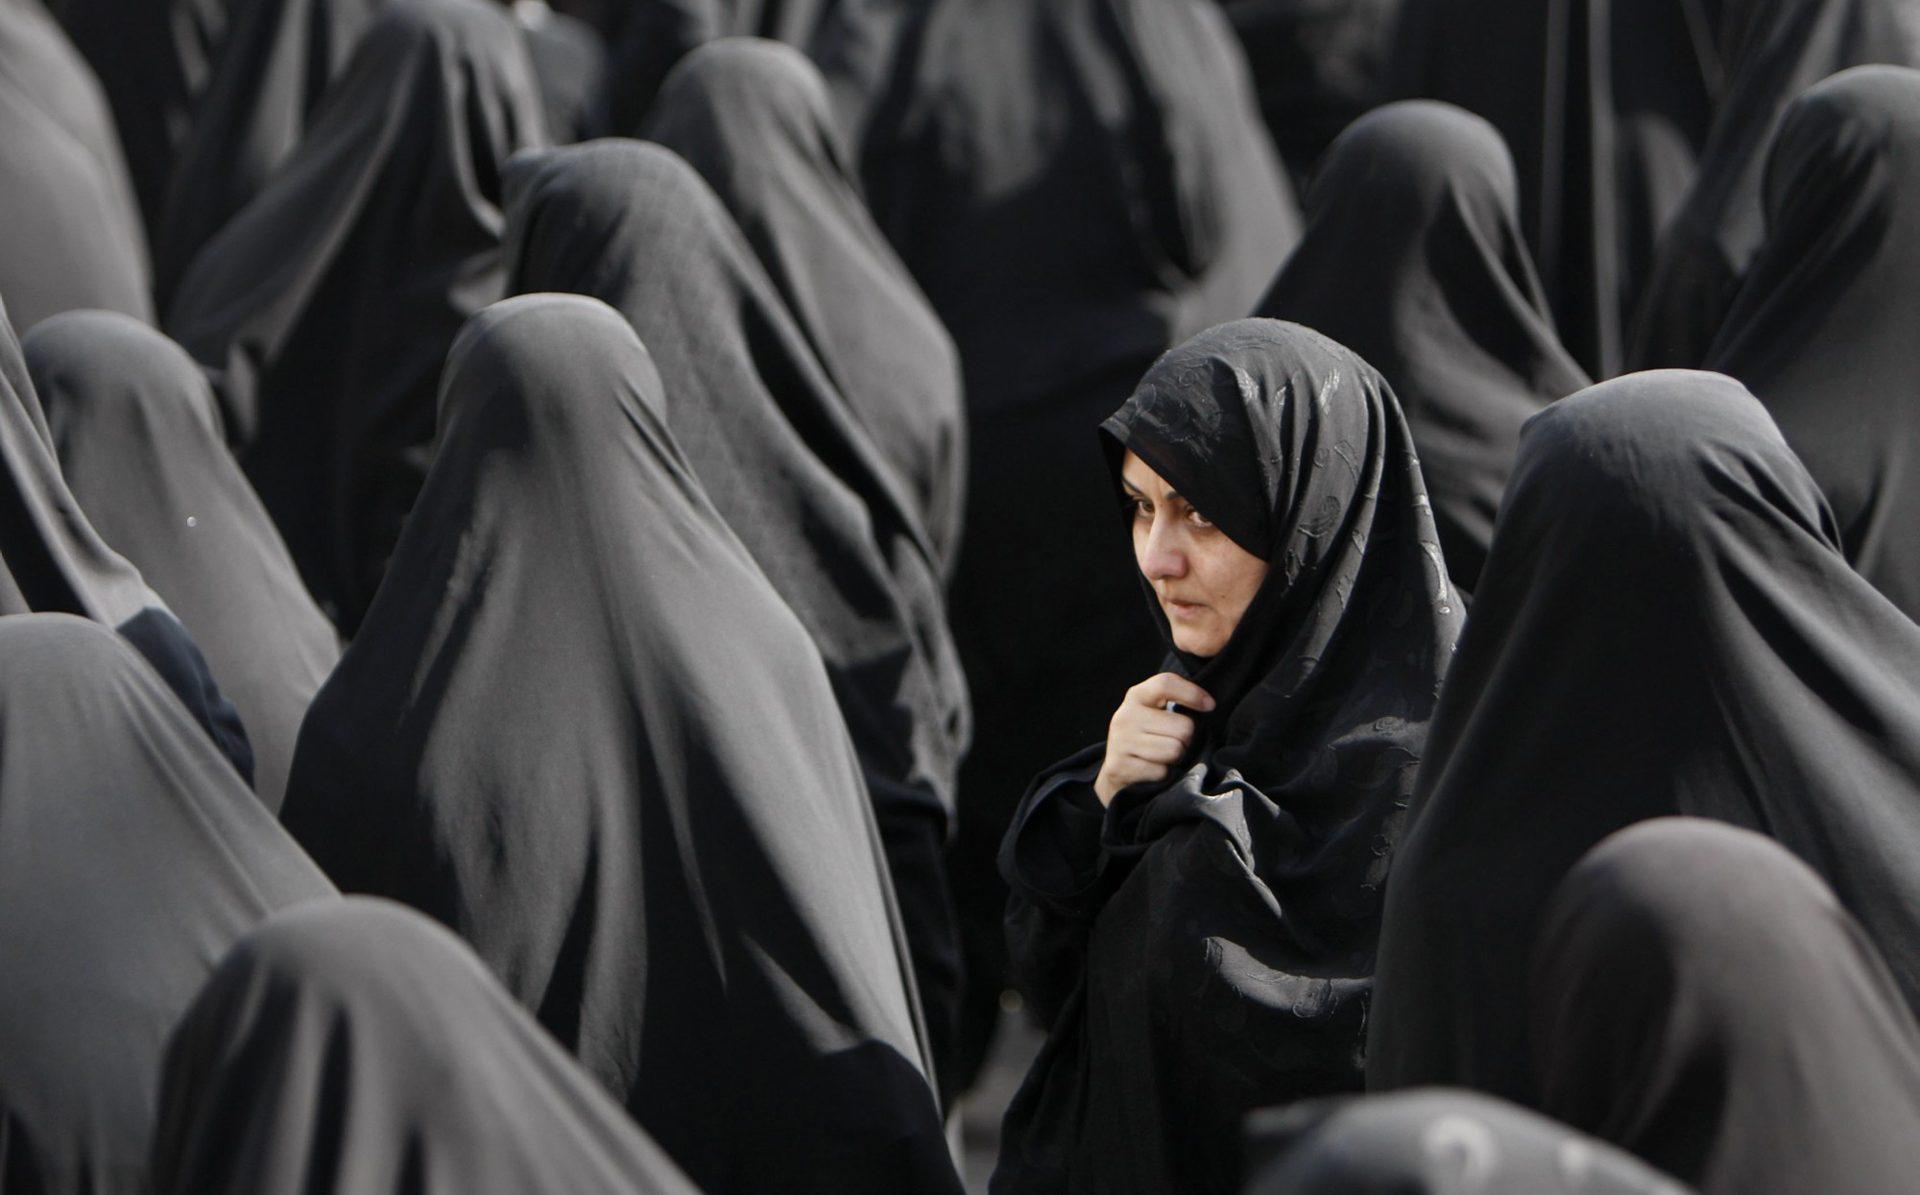 """Müslüman Göçmenlerin; Yahudilere, Kadınlara, Eşcinsellere, Gayrimüslimlere Karşı """"Ortaçağa Ait"""" Görüşleri Var!"""